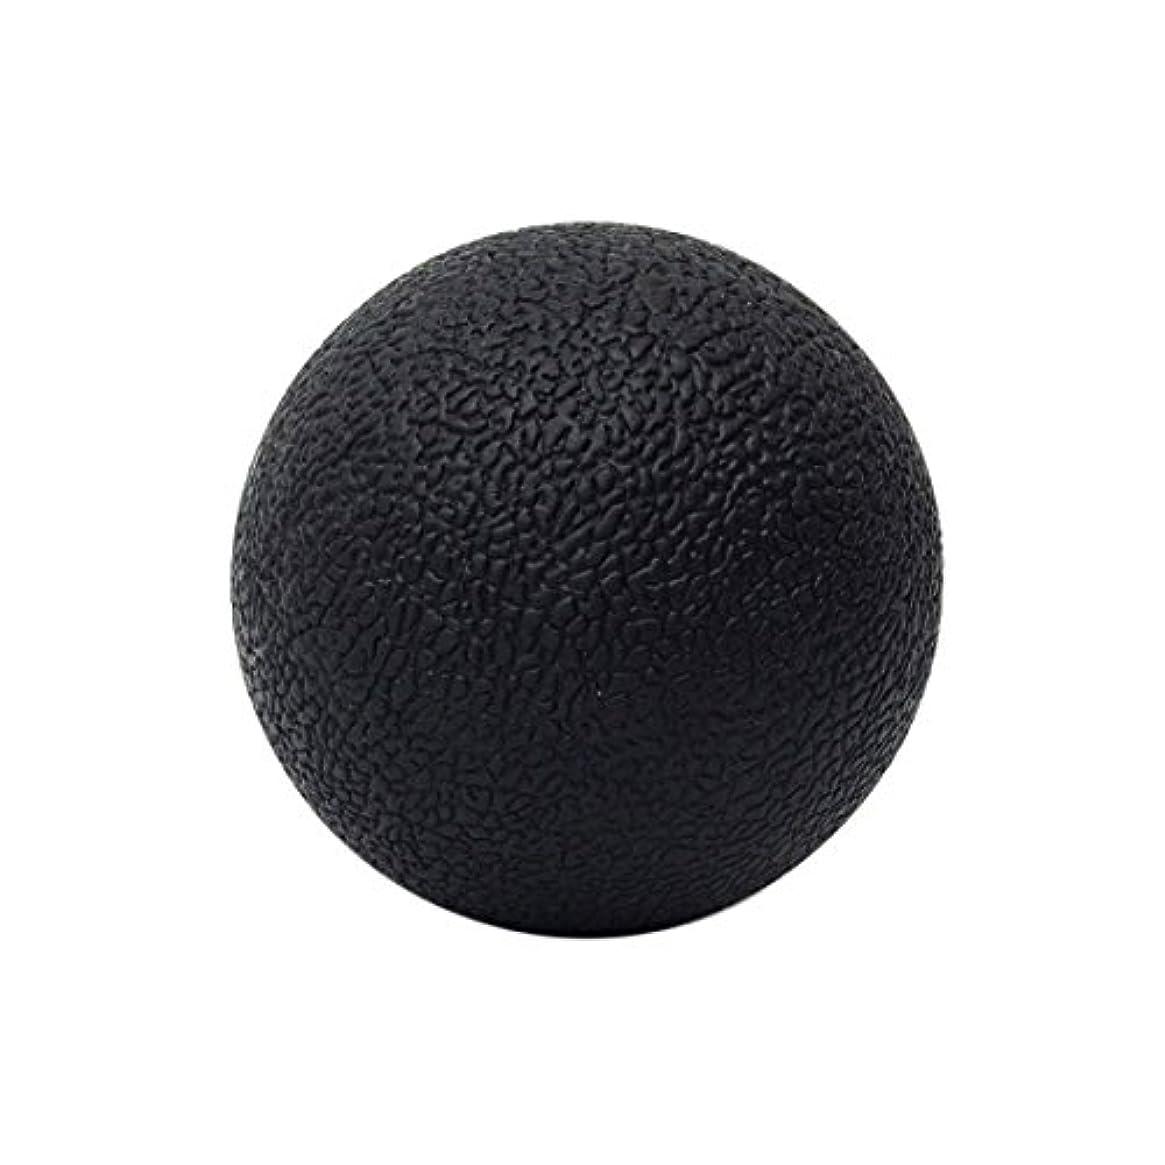 ガイドライン天窓任命するFreahap ストレッチボール マッサージボール リラックスボール 腰痛 肩こり ヨガ トレーニング シリコンゴム製